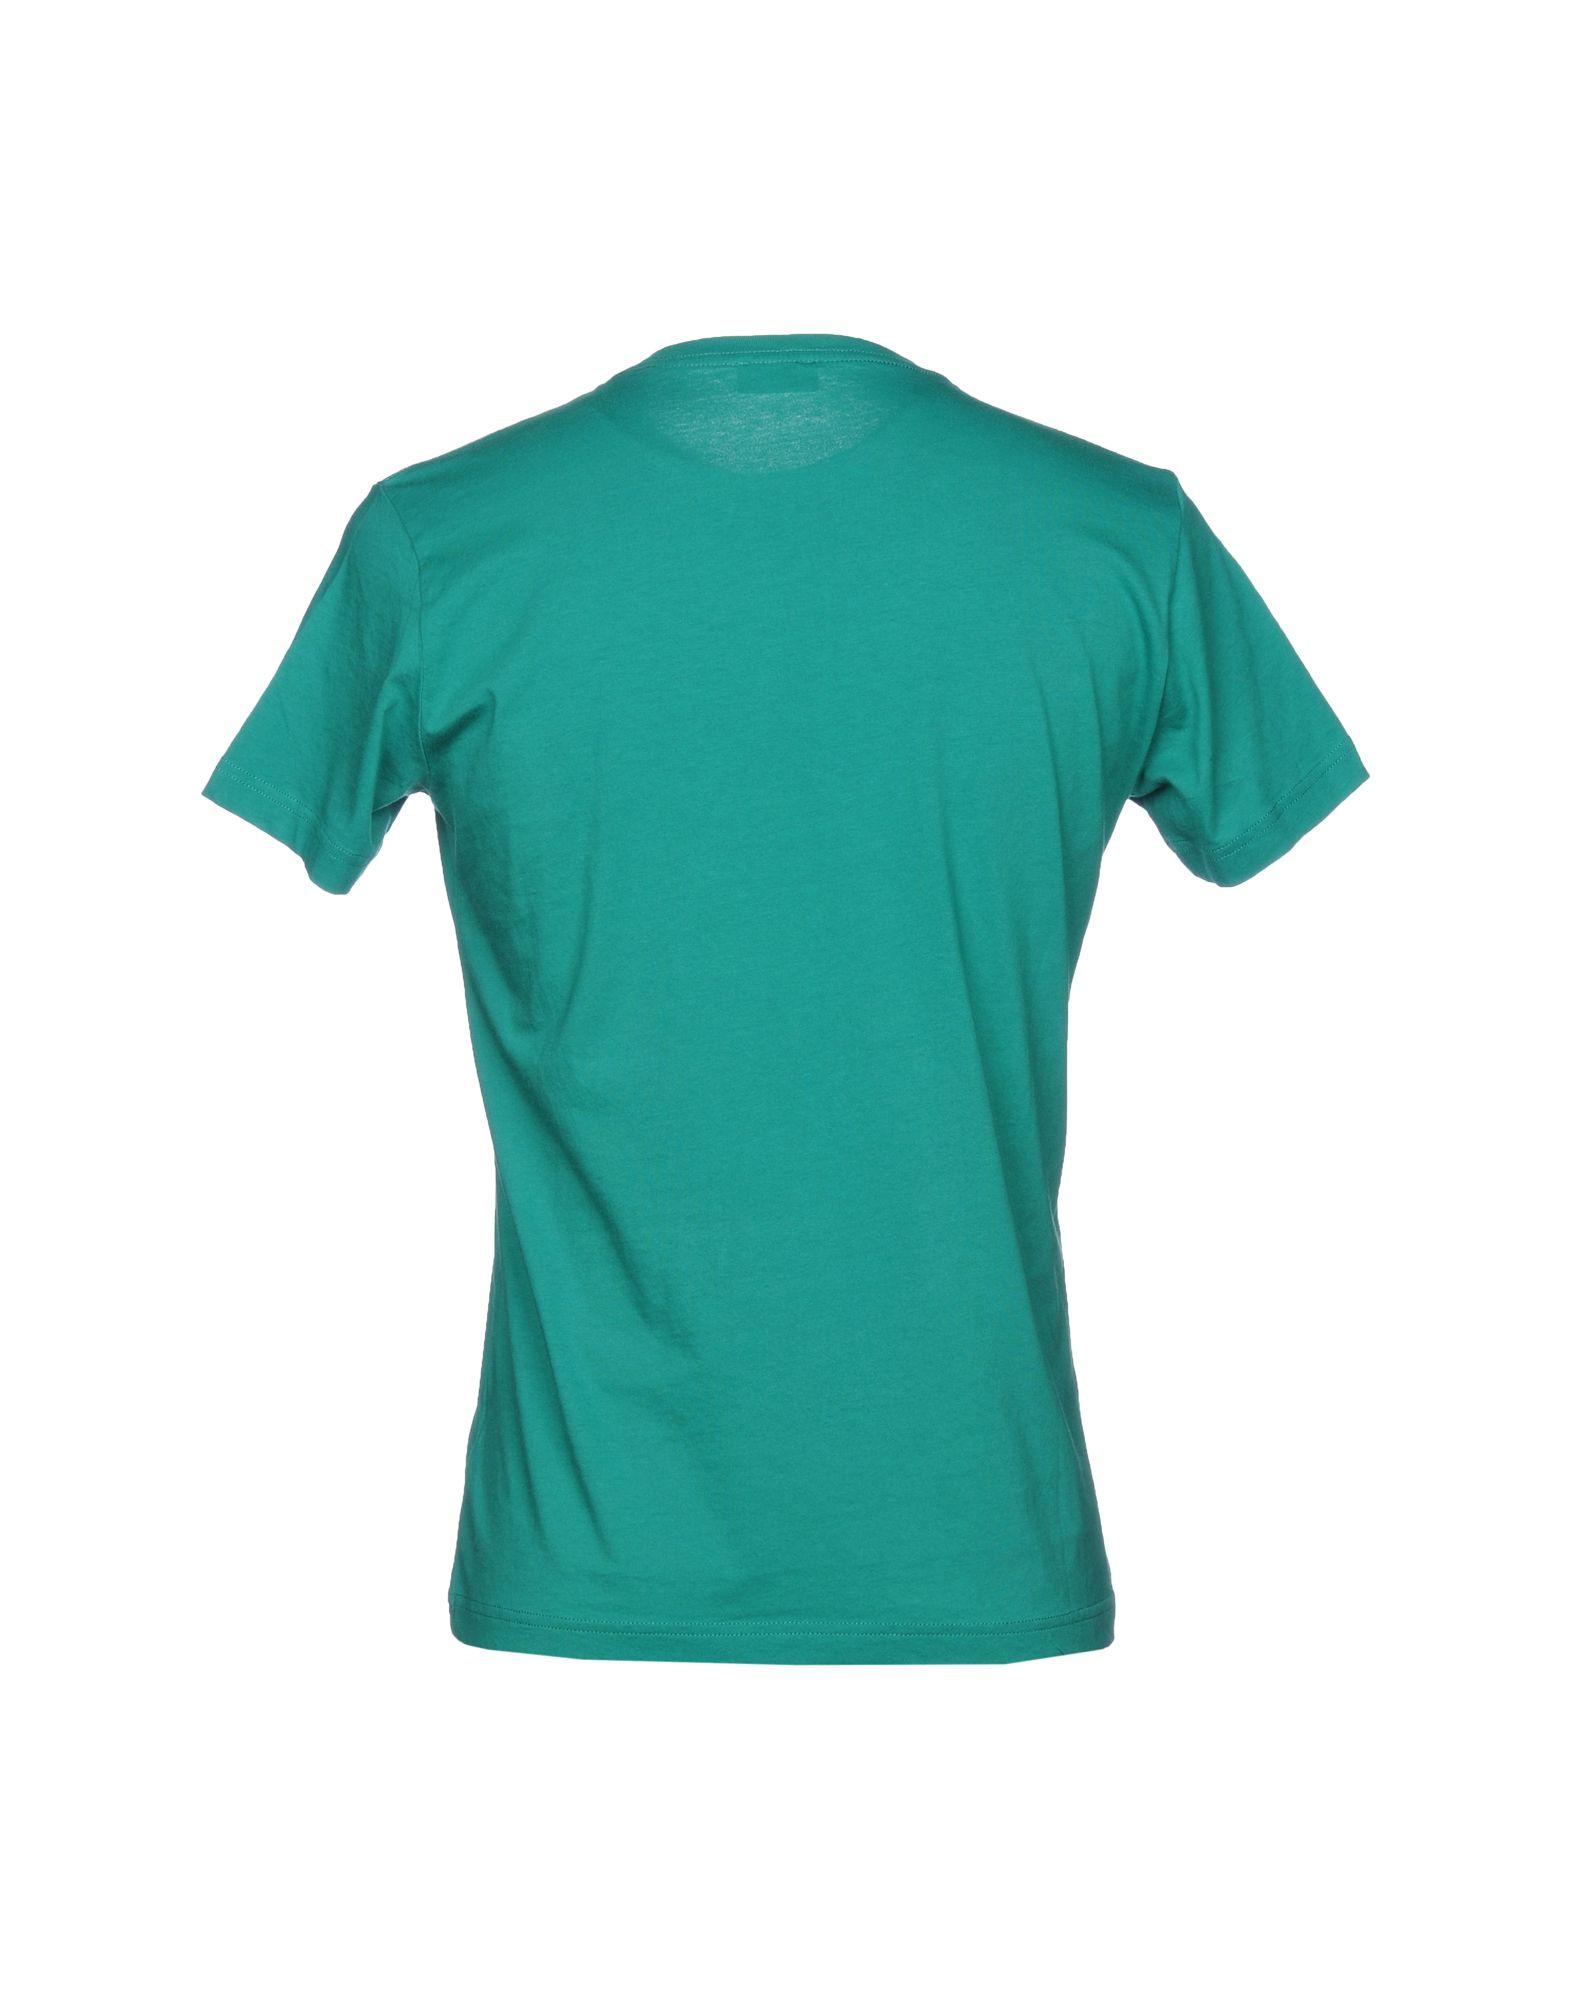 A buon mercato A buon mercato T-Shirt T-Shirt mercato Diesel Uomo - 12176729OL 33c82a